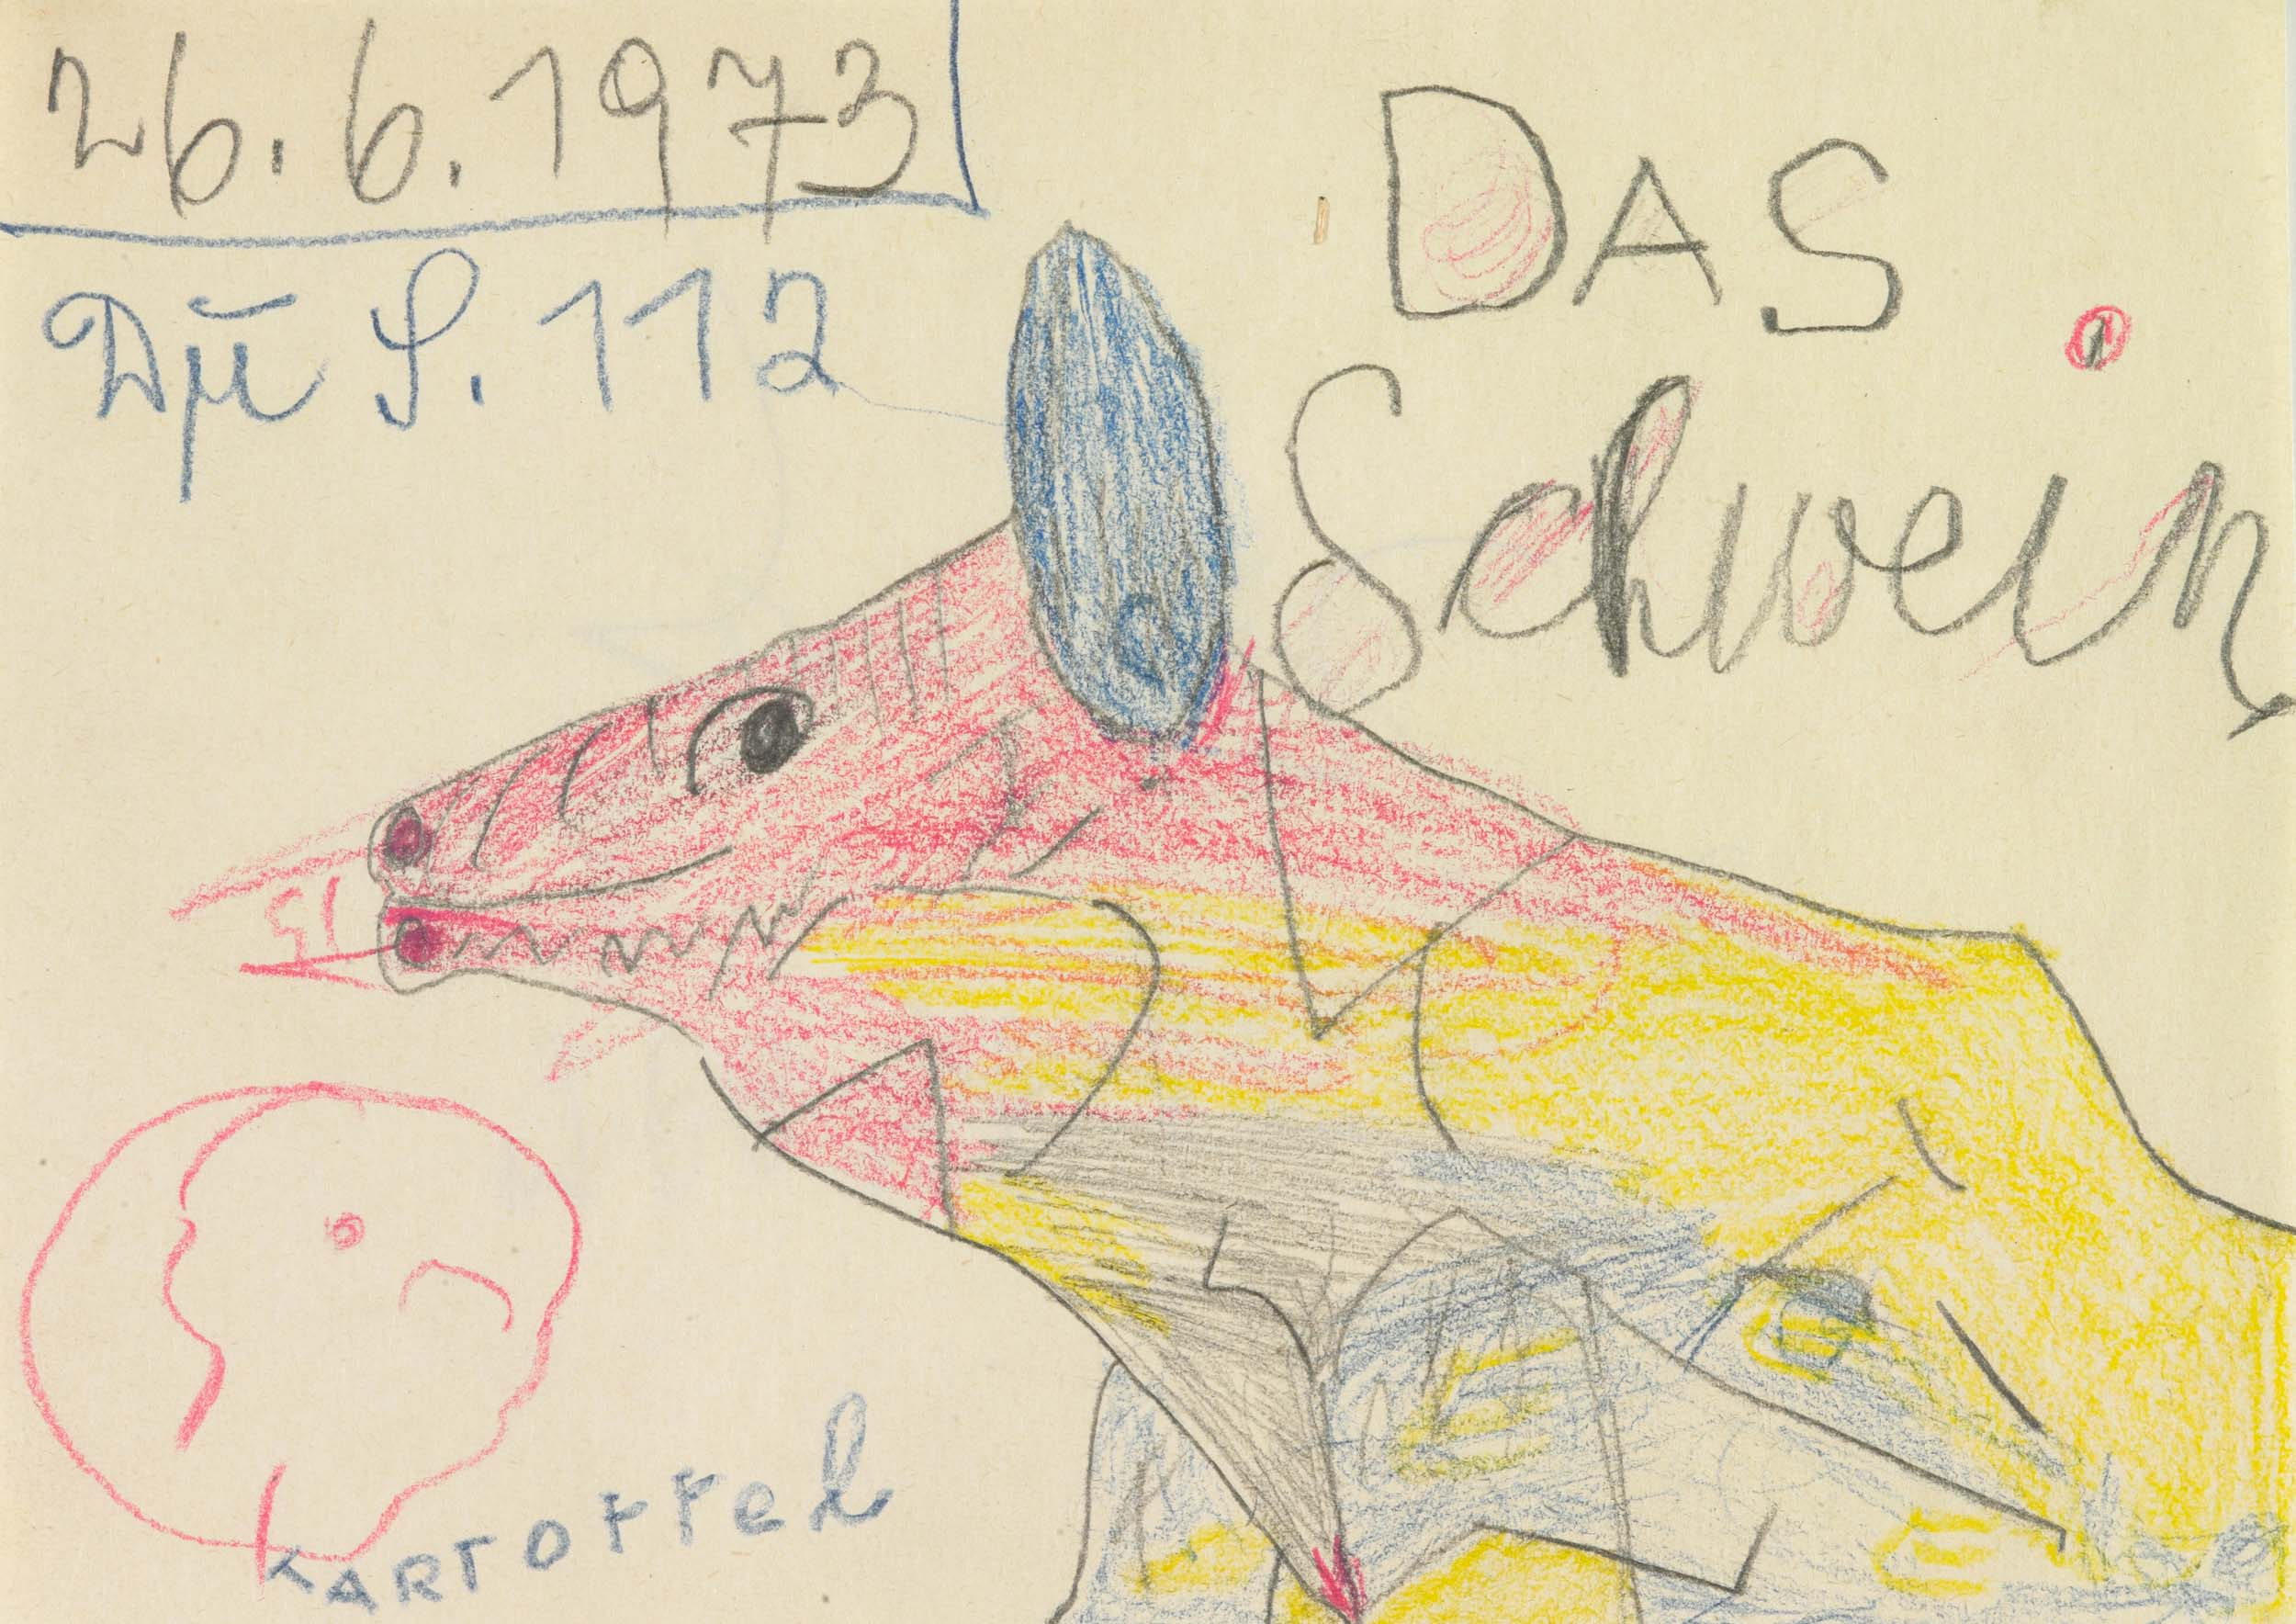 herbeck ernst - Das Schwein / The pig